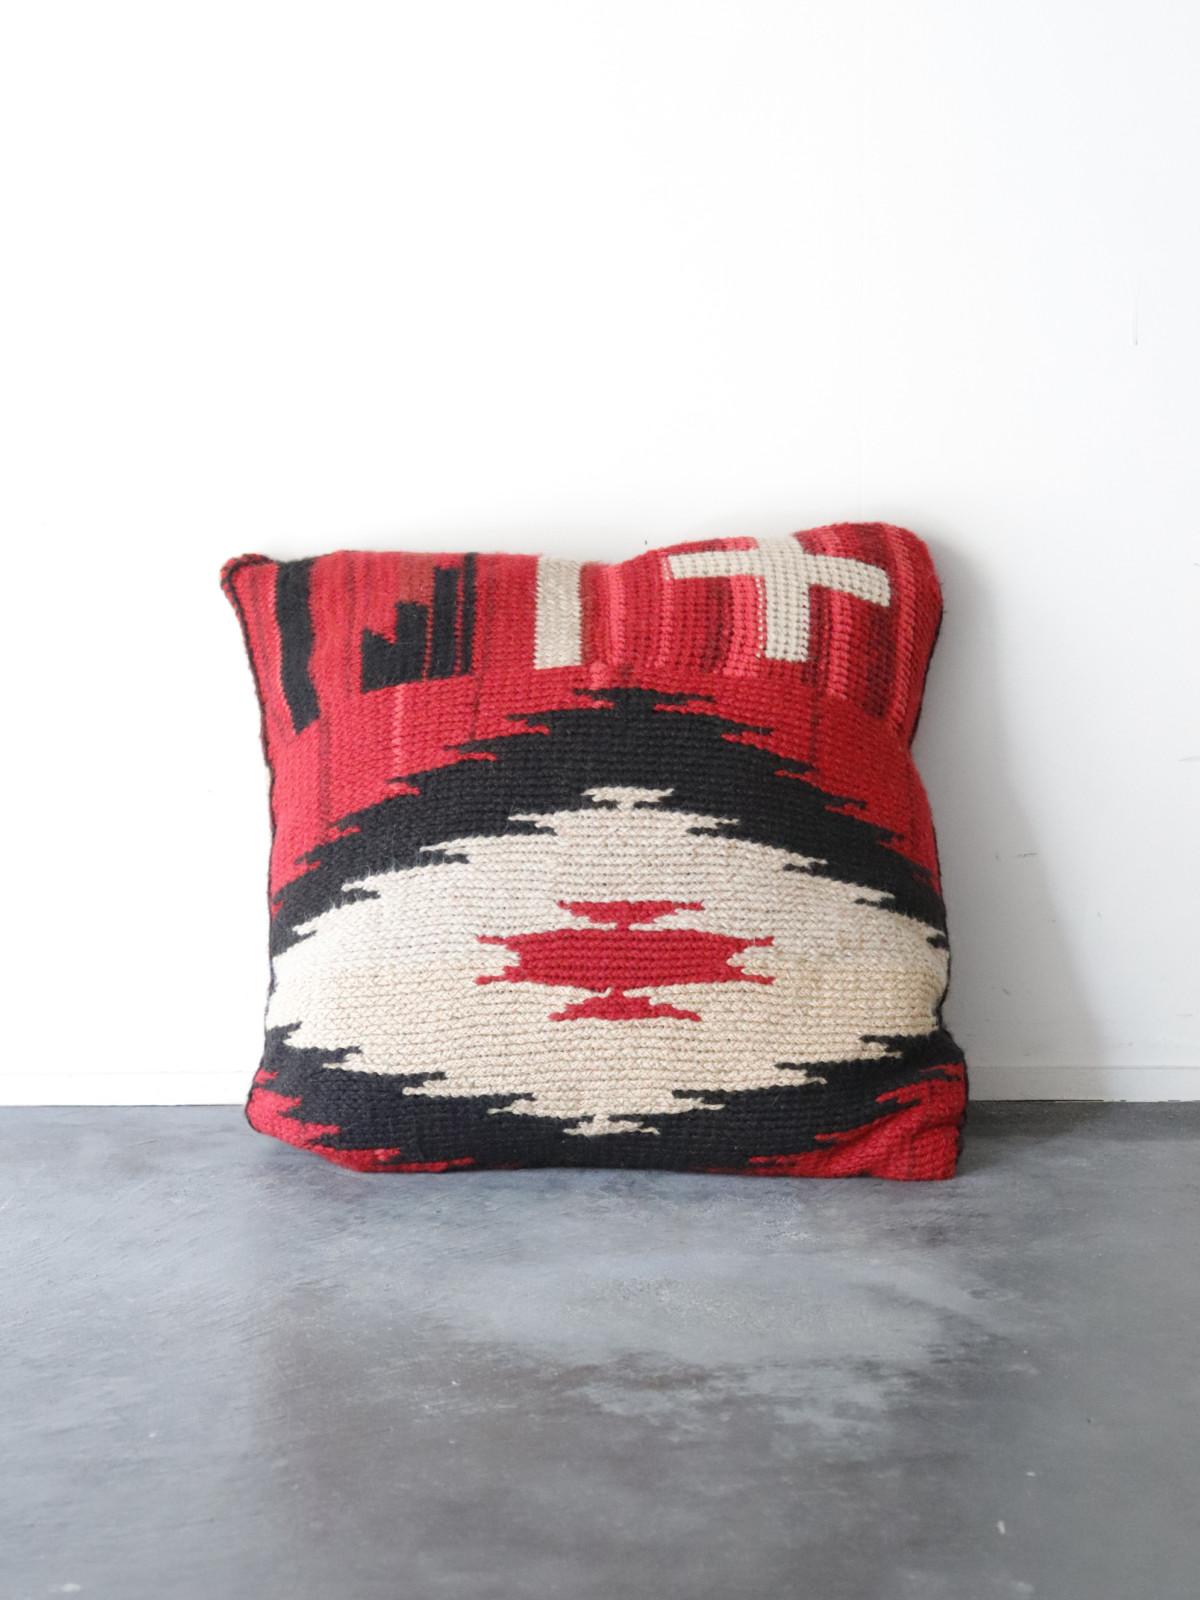 Ralph Lauren, knit, patchwork,cushion,USA